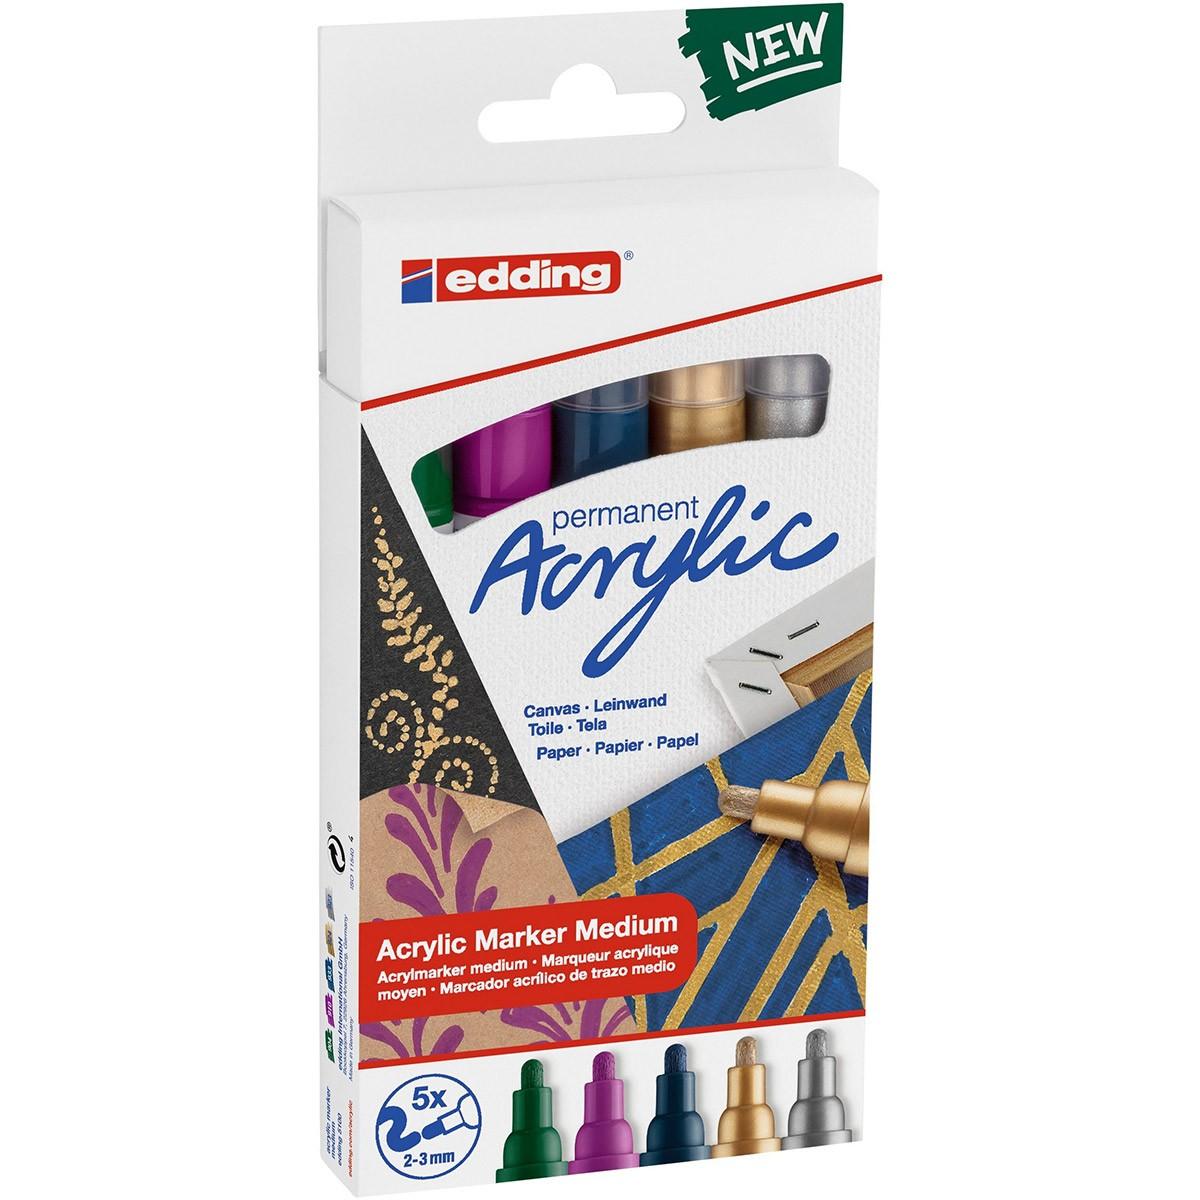 Купить Набор маркеров акриловых Edding 5 шт, 2-3 мм металлик цвет: 904, 910, 933, 924, 923, Германия